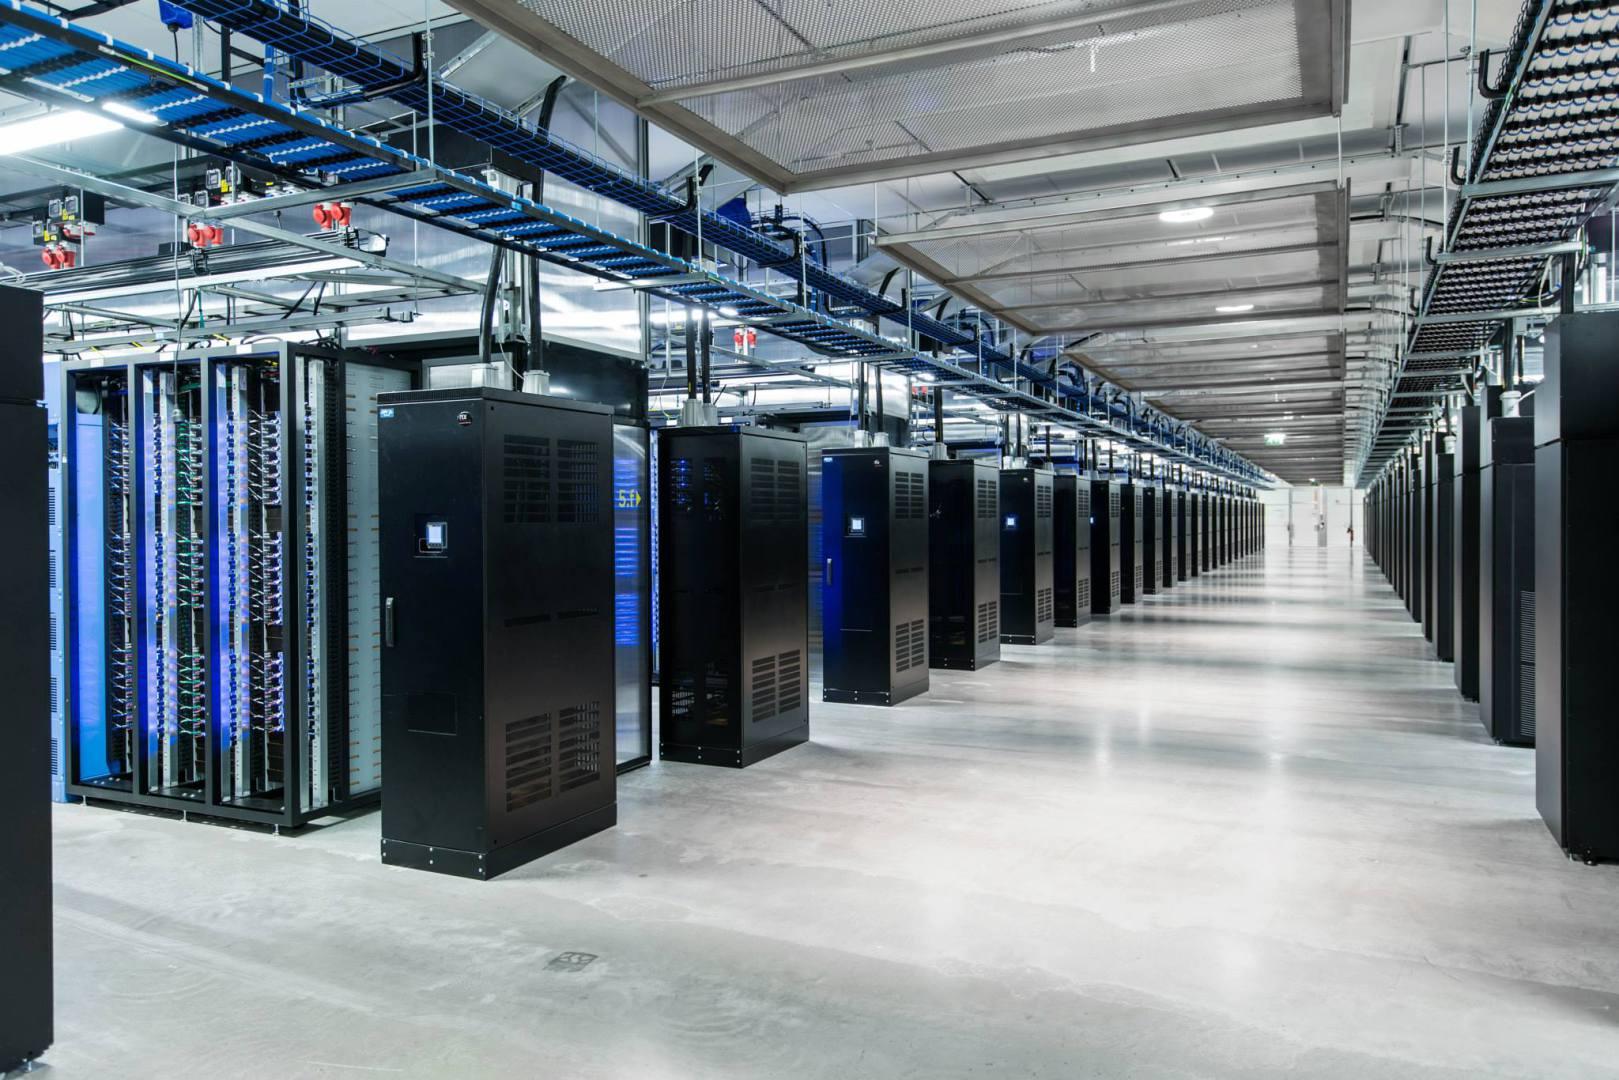 Indoor picture of servers inside Facebook's data center in Lulea, Sweden